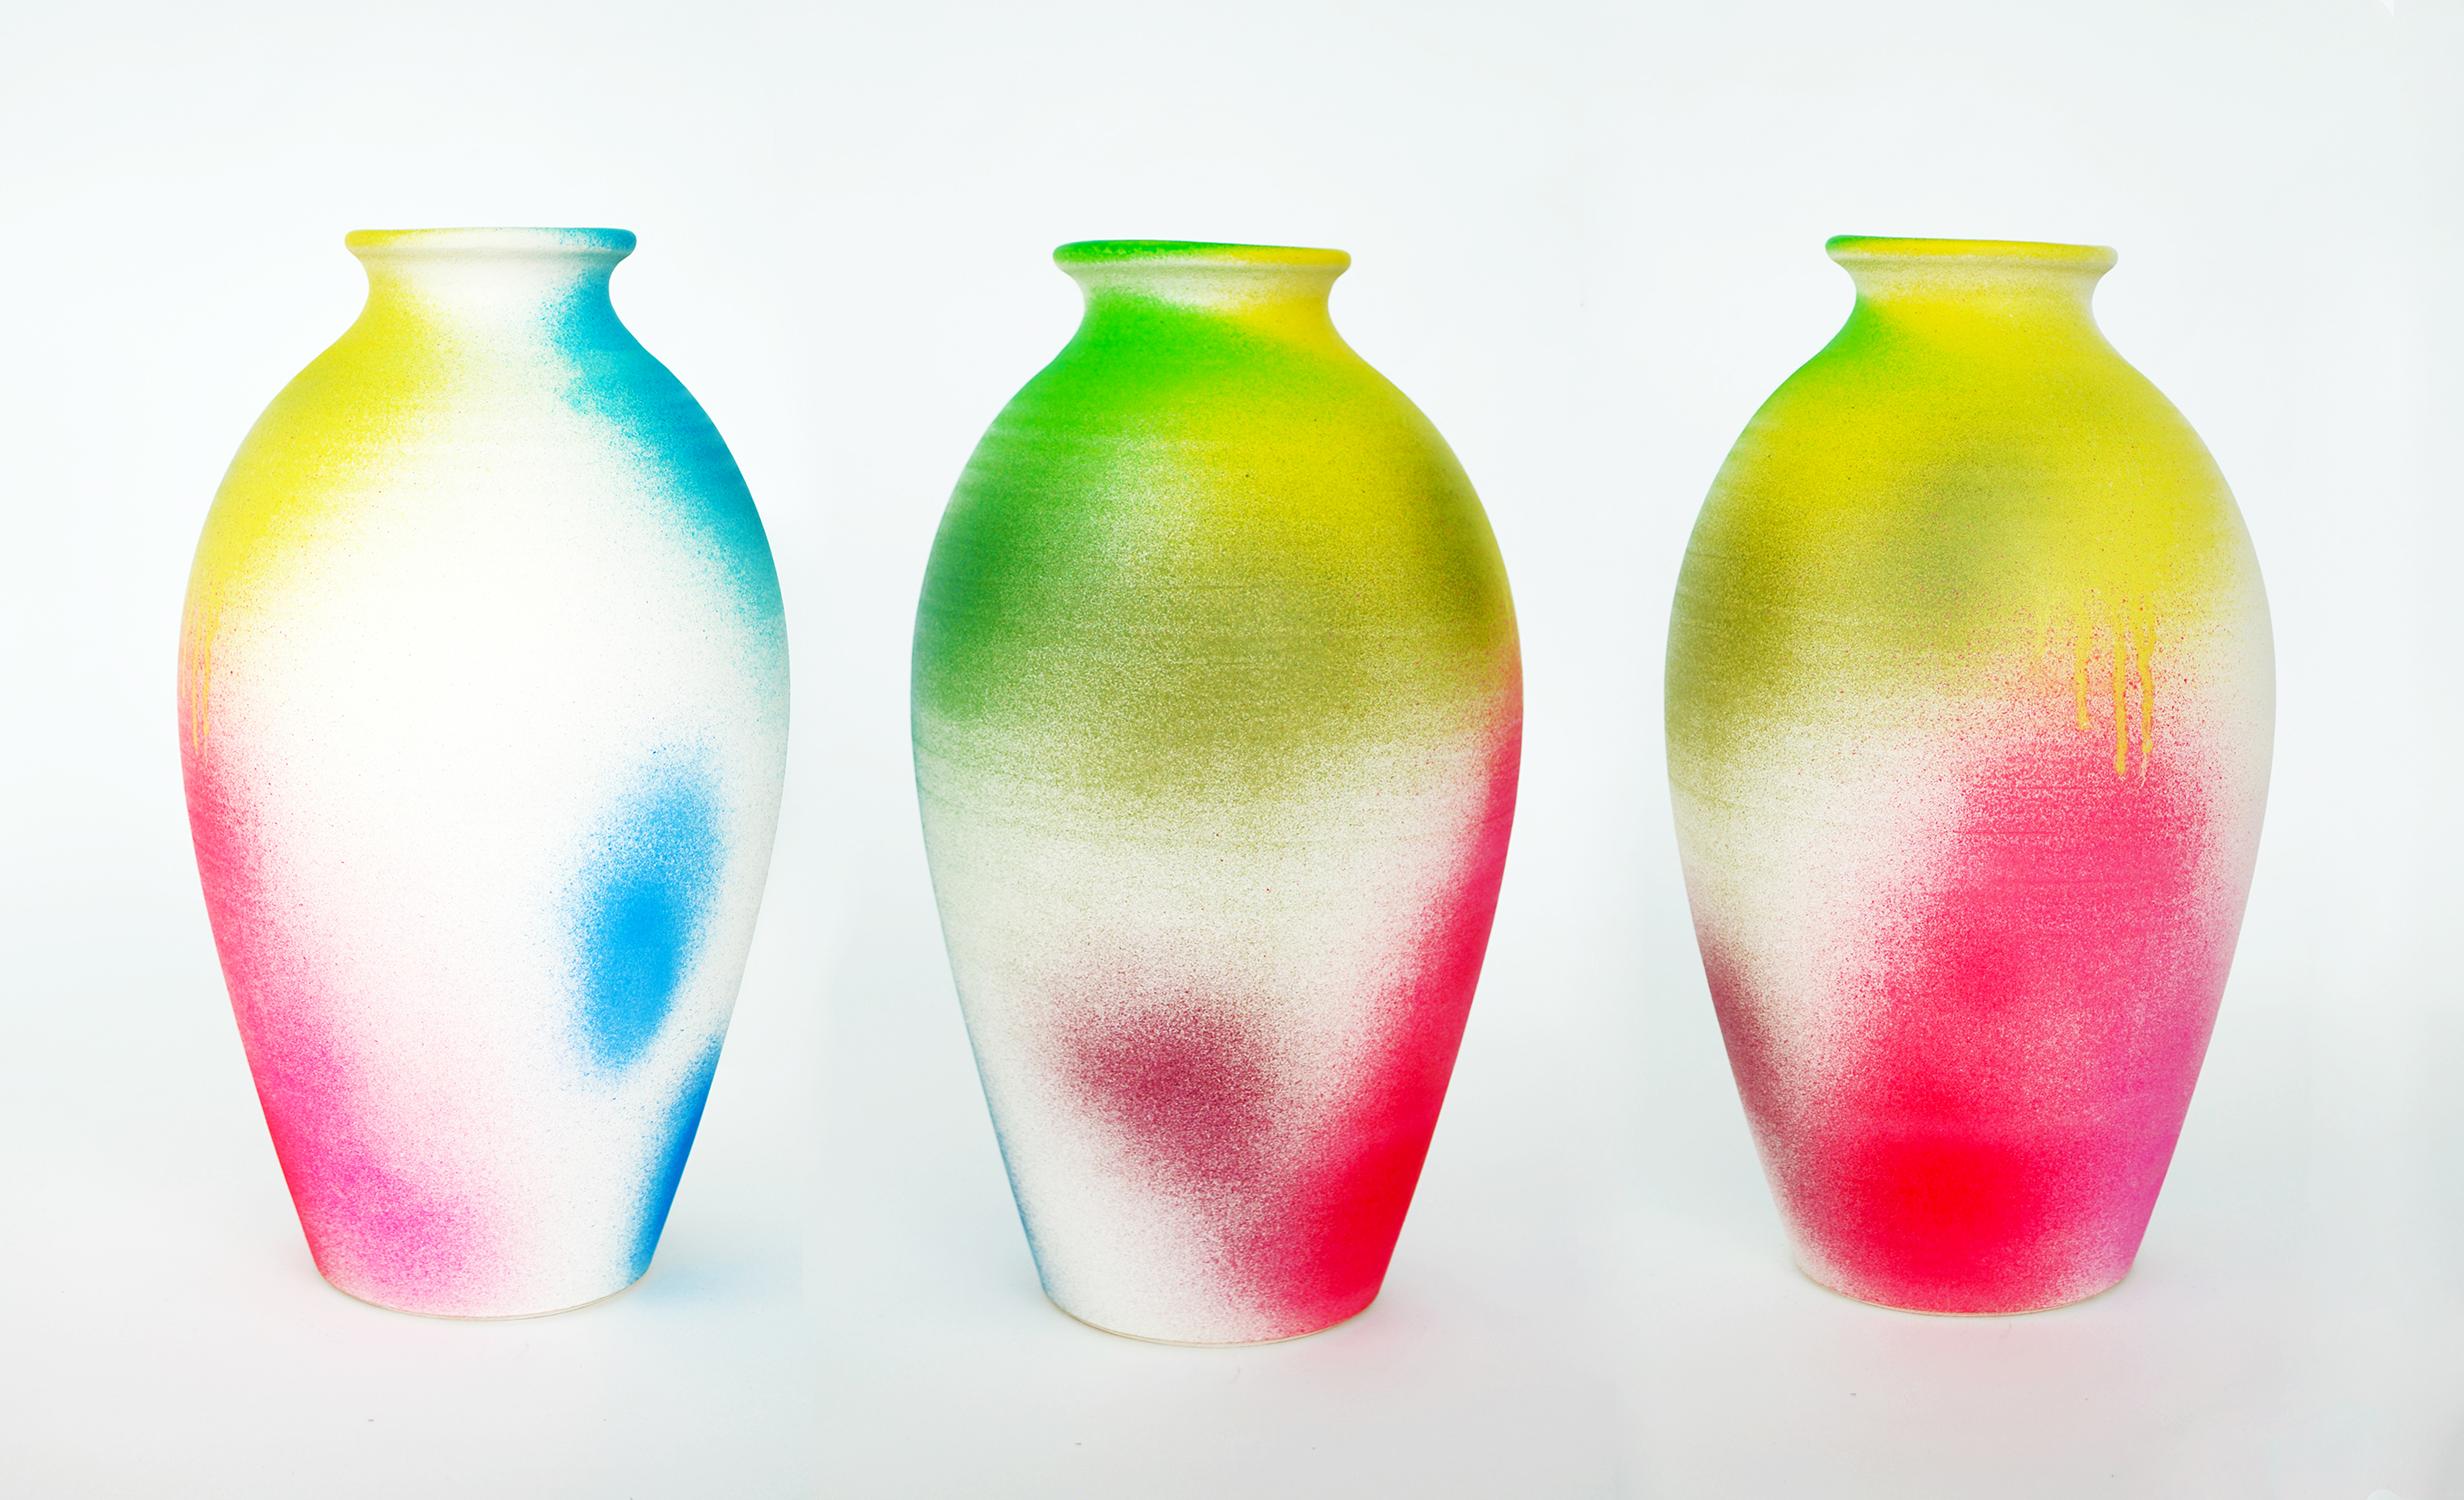 vase 02 _360LOWres.jpg